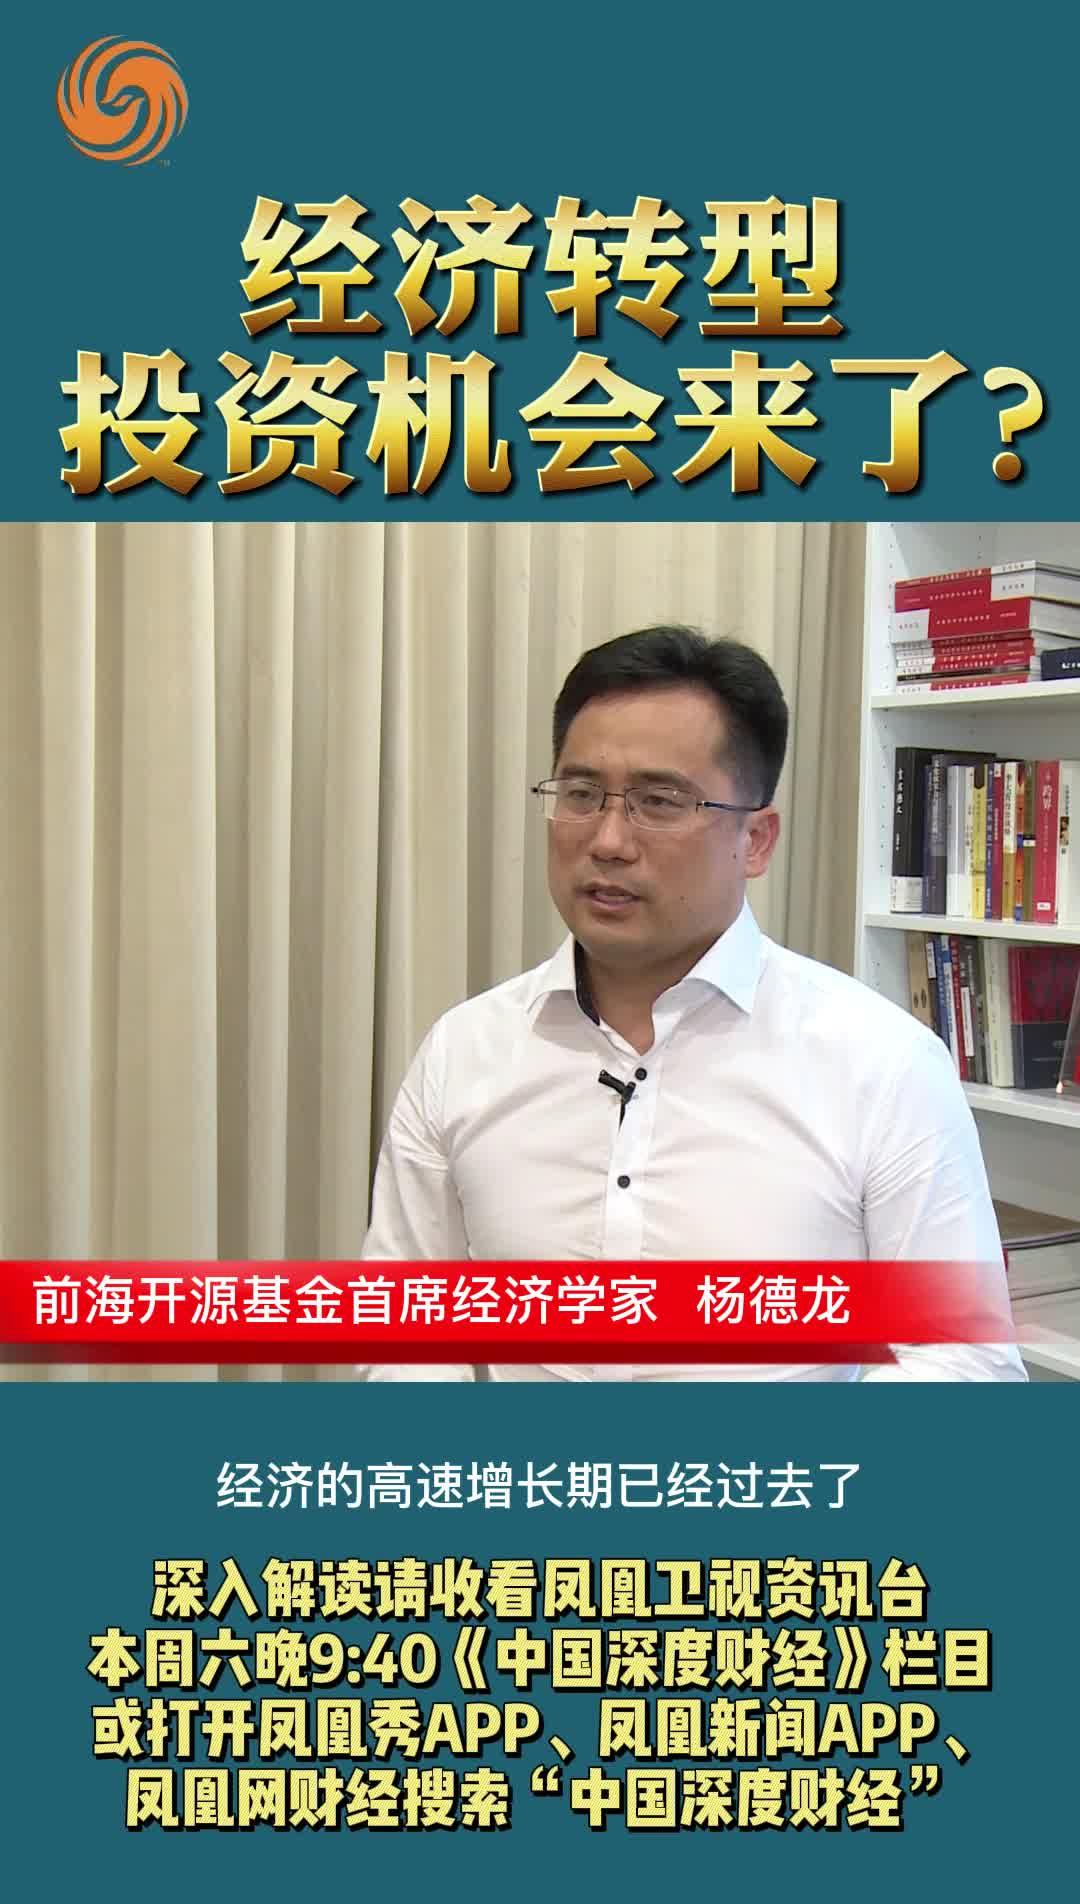 杨德龙:经济转型投资机会来了?